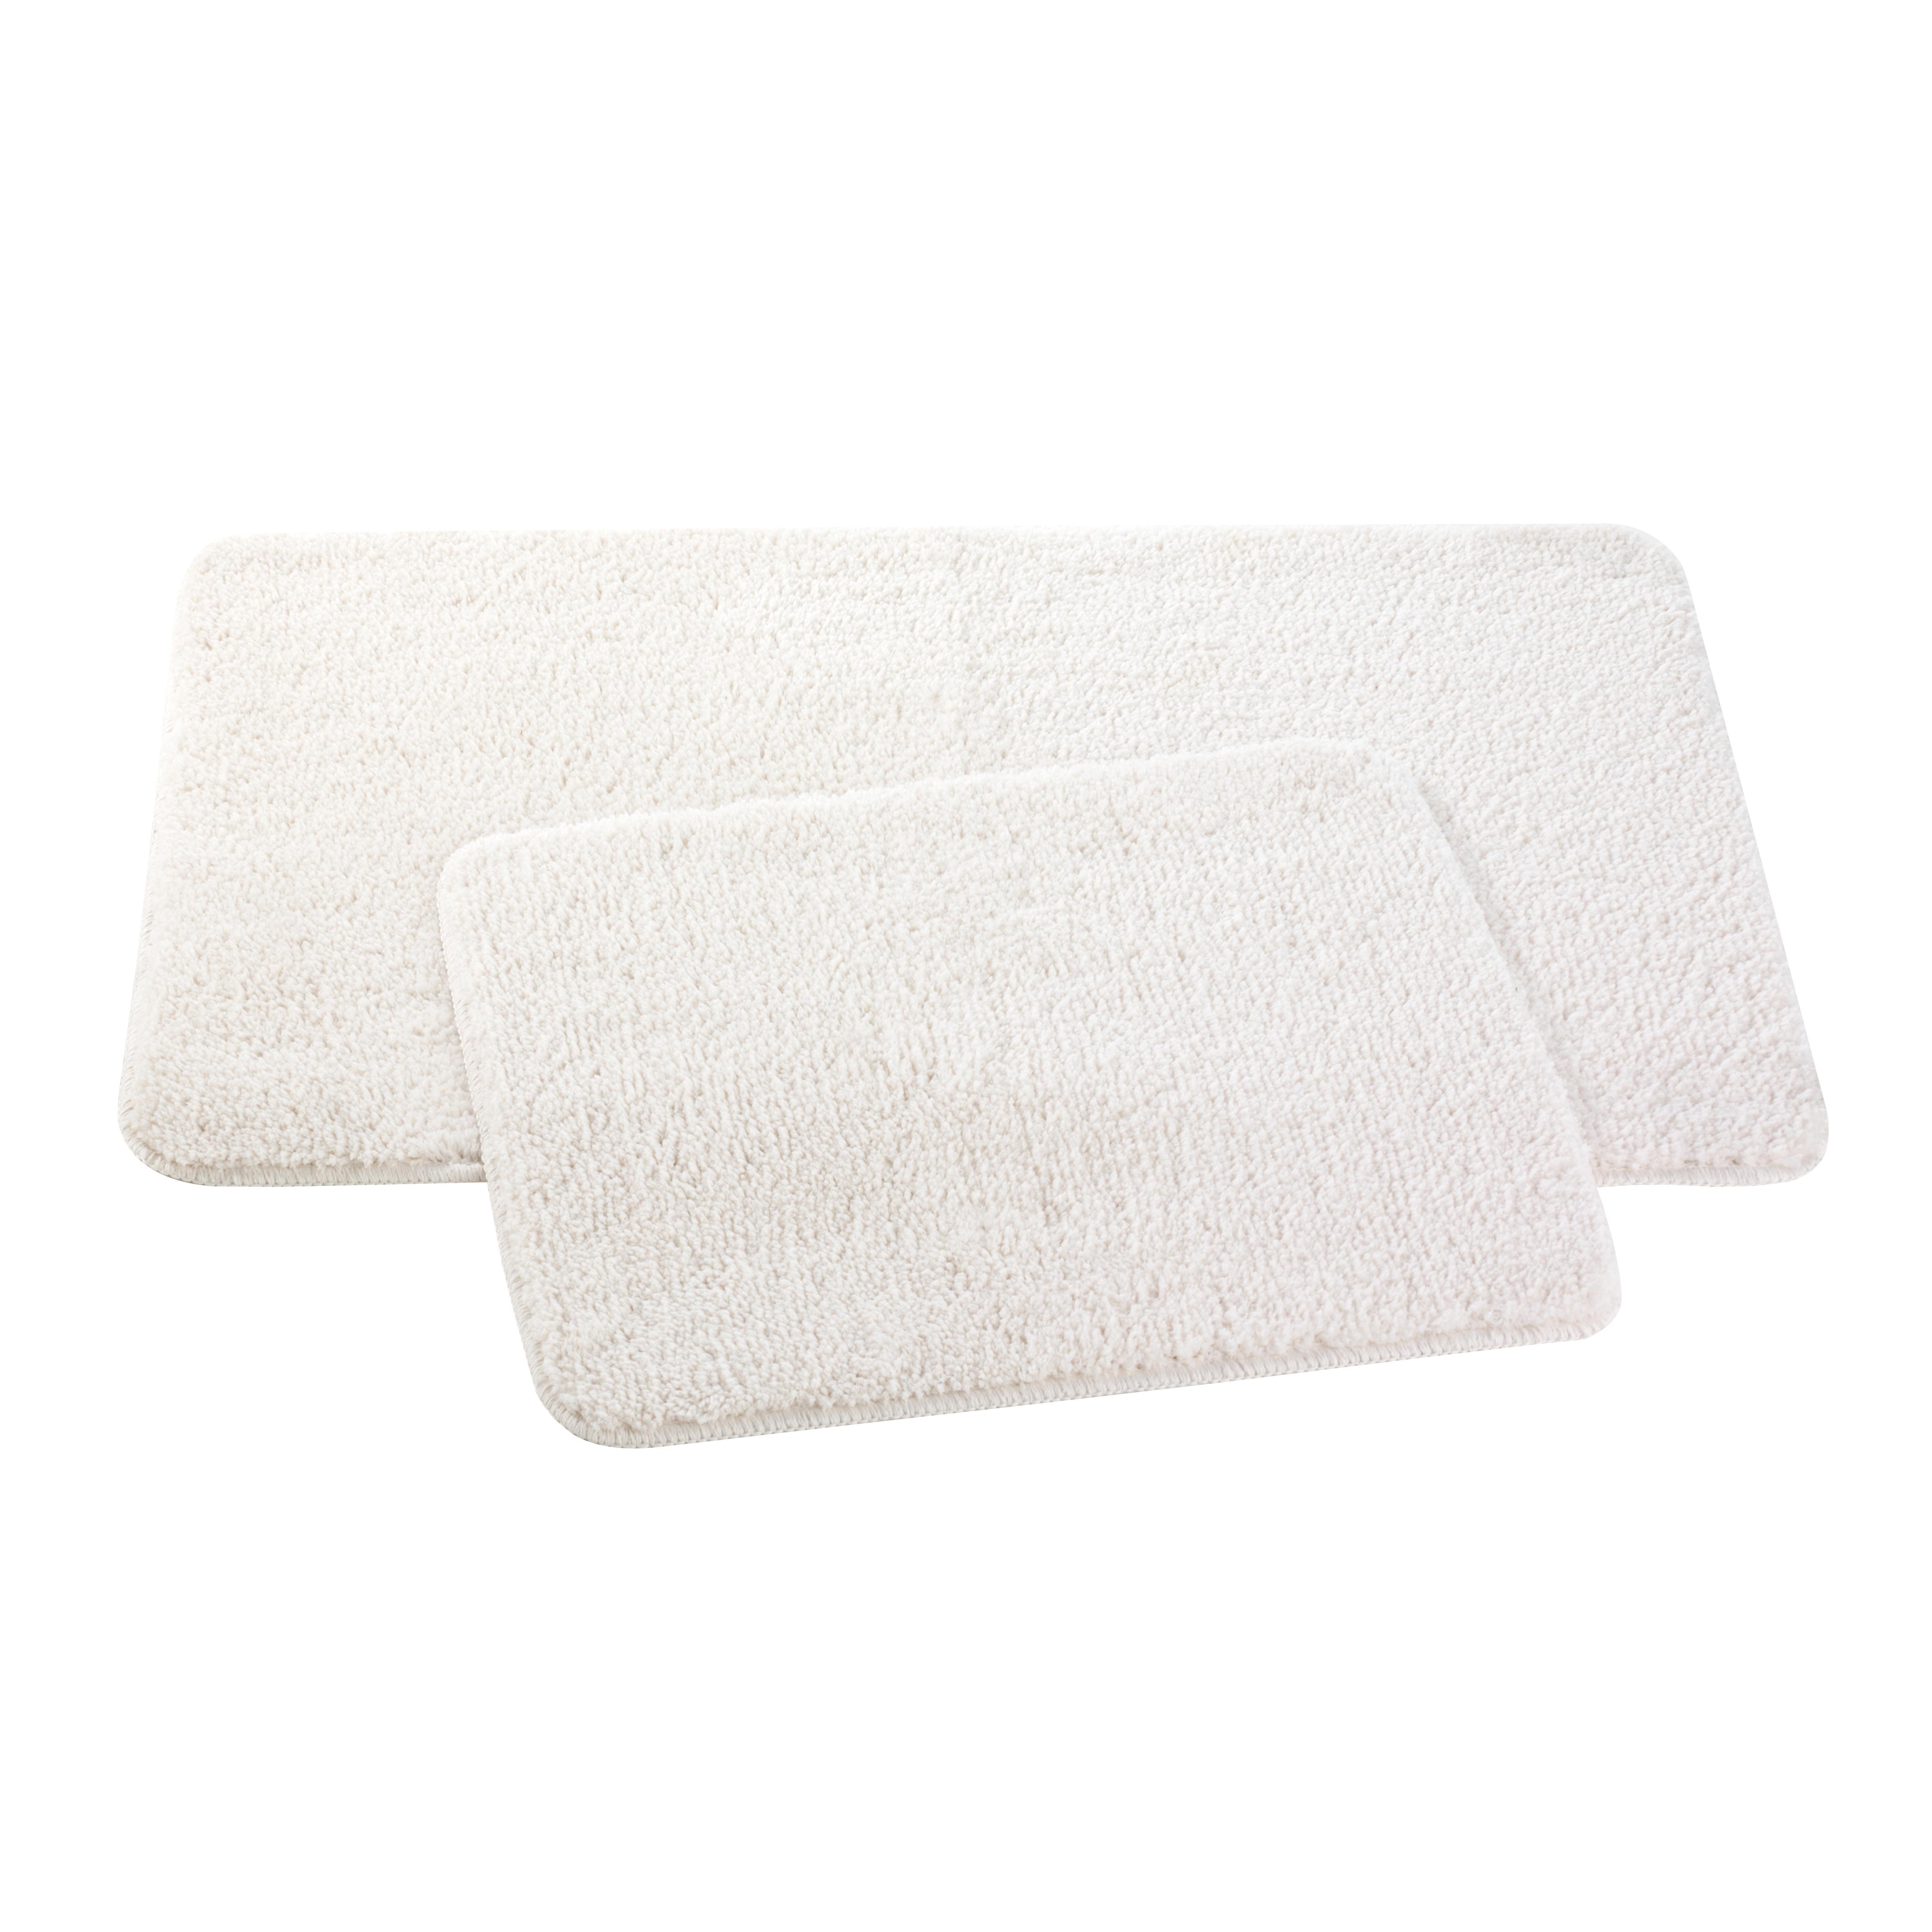 Набор ковриков для ванной и туалета Axentia, цвет: бежевый, 2 шт116097Набор Axentia, выполненный из микрофибры (100% полиэстер), состоит из двух стеганых ковриков для ванной комнаты и туалета. Противоскользящее основание изготовлено из термопластичной резины и подходит для полов с подогревом. Коврики мягкие и приятные на ощупь, отлично впитывают влагу и быстро сохнут. Высокая износостойкость ковриков и стойкость цвета позволит вам наслаждаться покупкой долгие годы. Можно стирать в стиральной машине. Размер ковриков: 50 х 80 см; 50 х 40 см. Высота ворса 1,5 см.